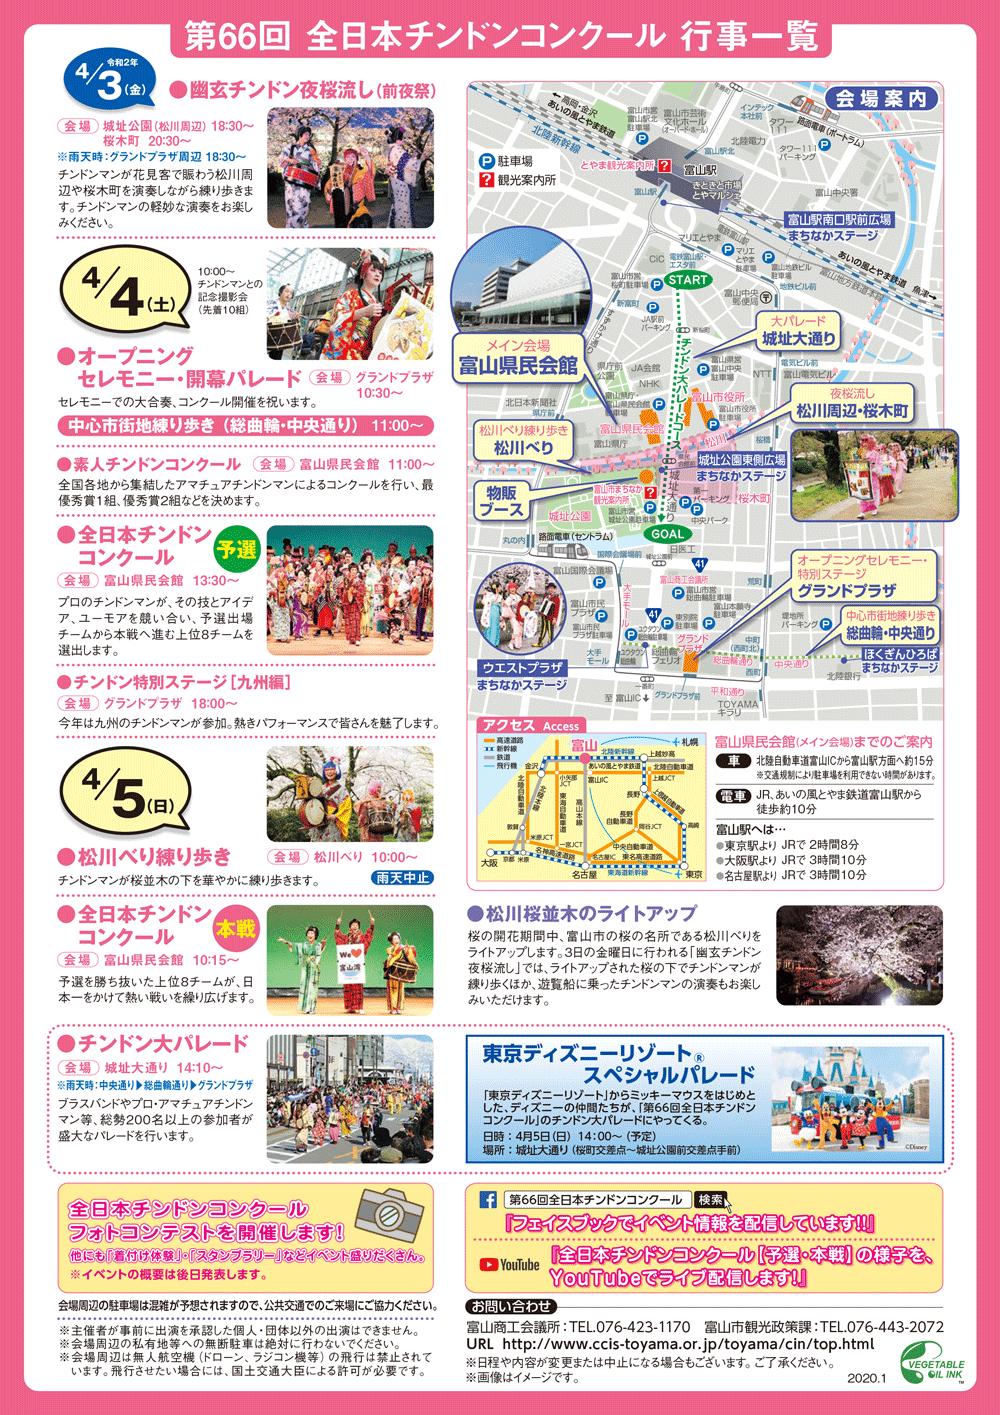 全日本チンドンコンクール2020会場の地図